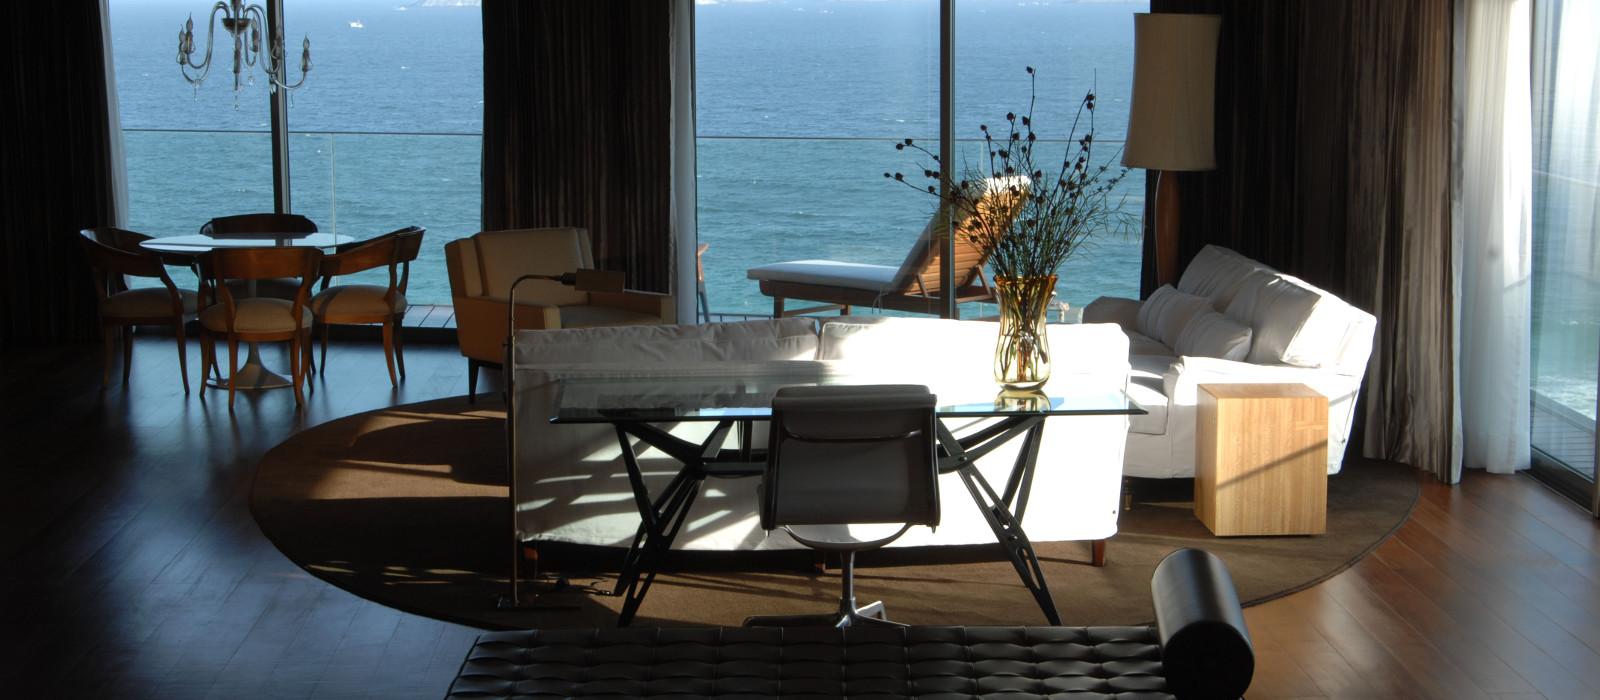 Hotel Fasano Brazil